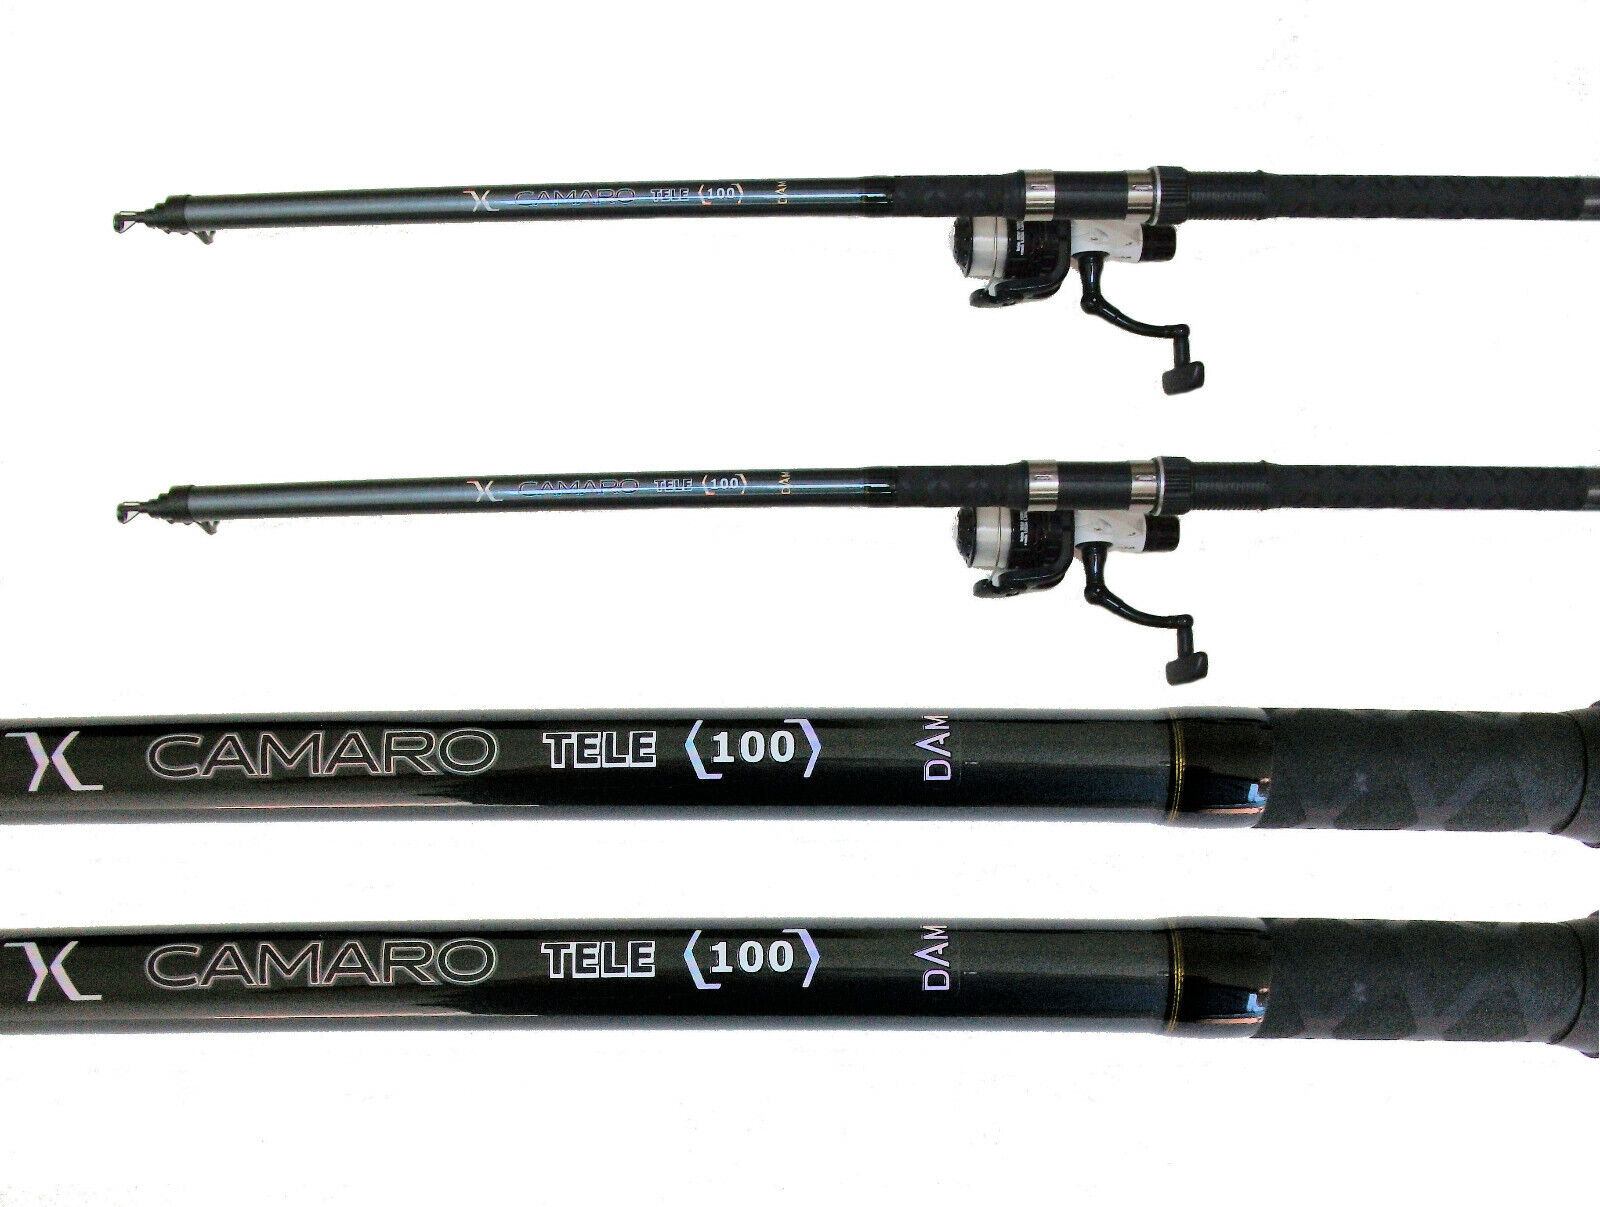 2 DAM Camaro Hecht-Karpfen-Aal Ruten 100 g 300 cm mit 2 DAM Rollen und 0,35 mm